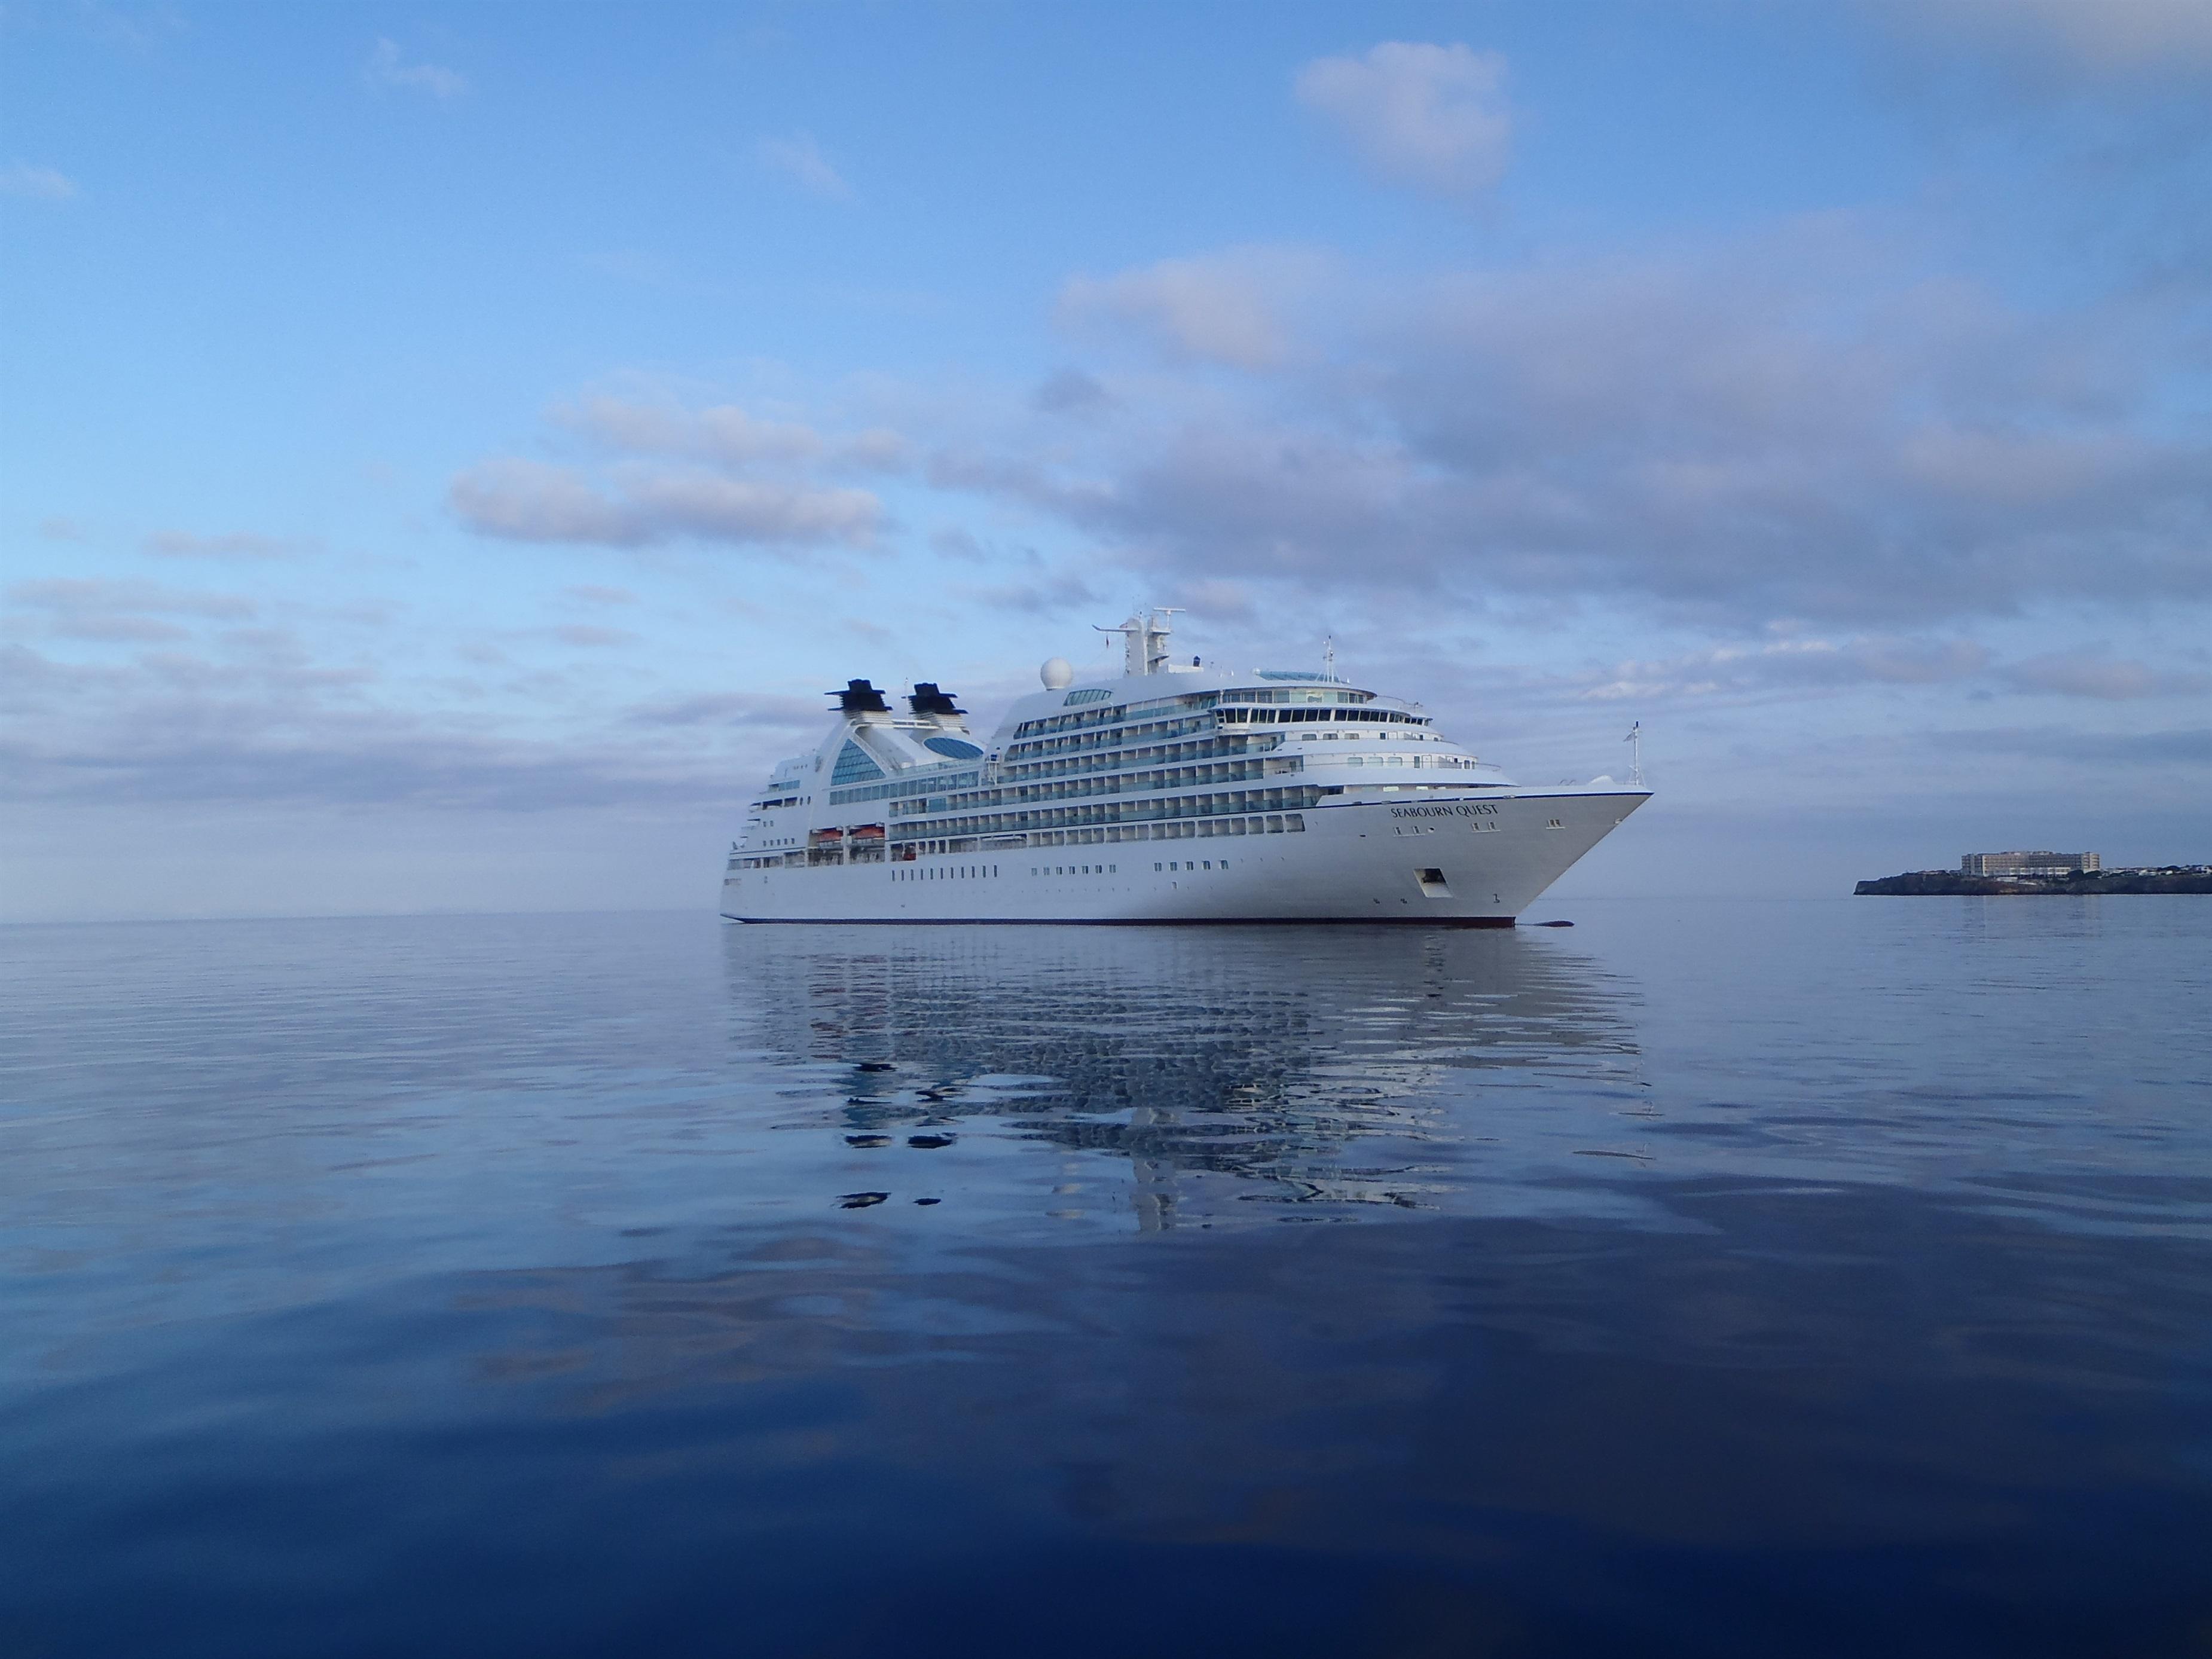 Los puertos autonómicos de Baleares han recibido este año doce cruceros con más de 3.100 pasajeros